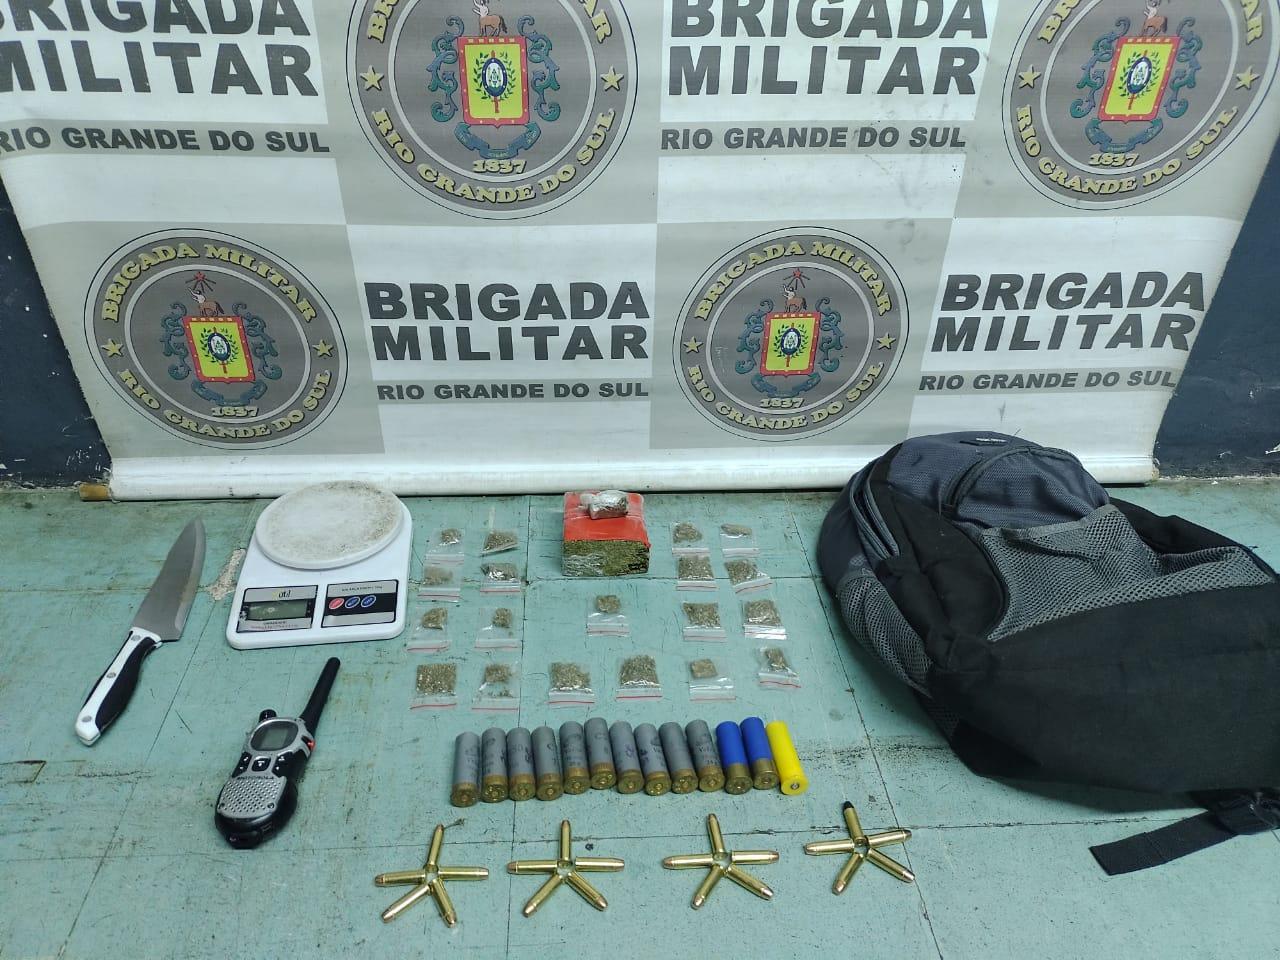 1ºBPChoque da BM apreende menor com drogas e munições em Bento